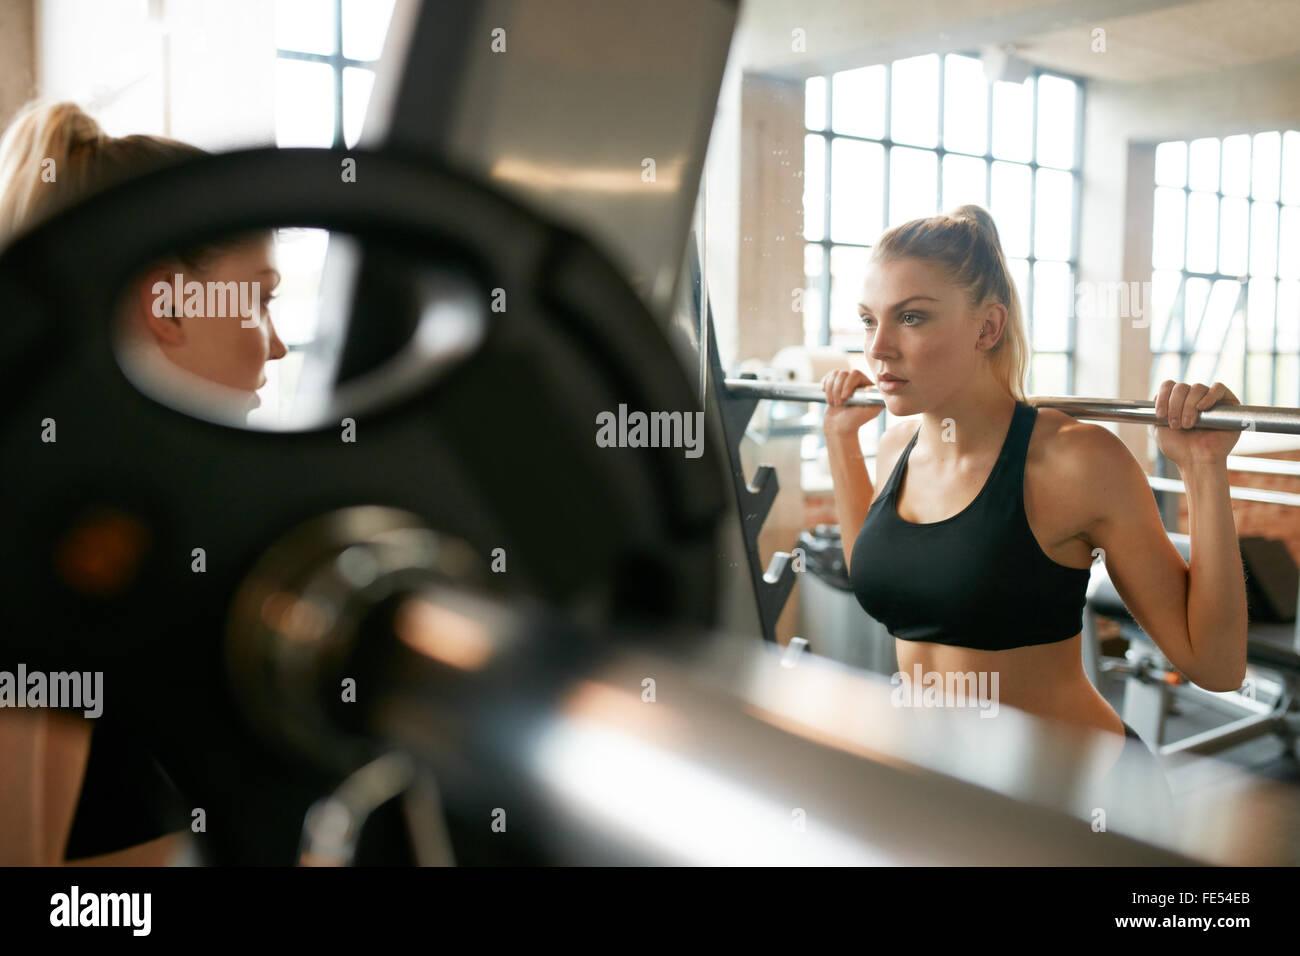 Mujer joven en el gimnasio haciendo sentadillas con peso adicional sobre los hombros. Gimnasio de trabajadoras delante Imagen De Stock